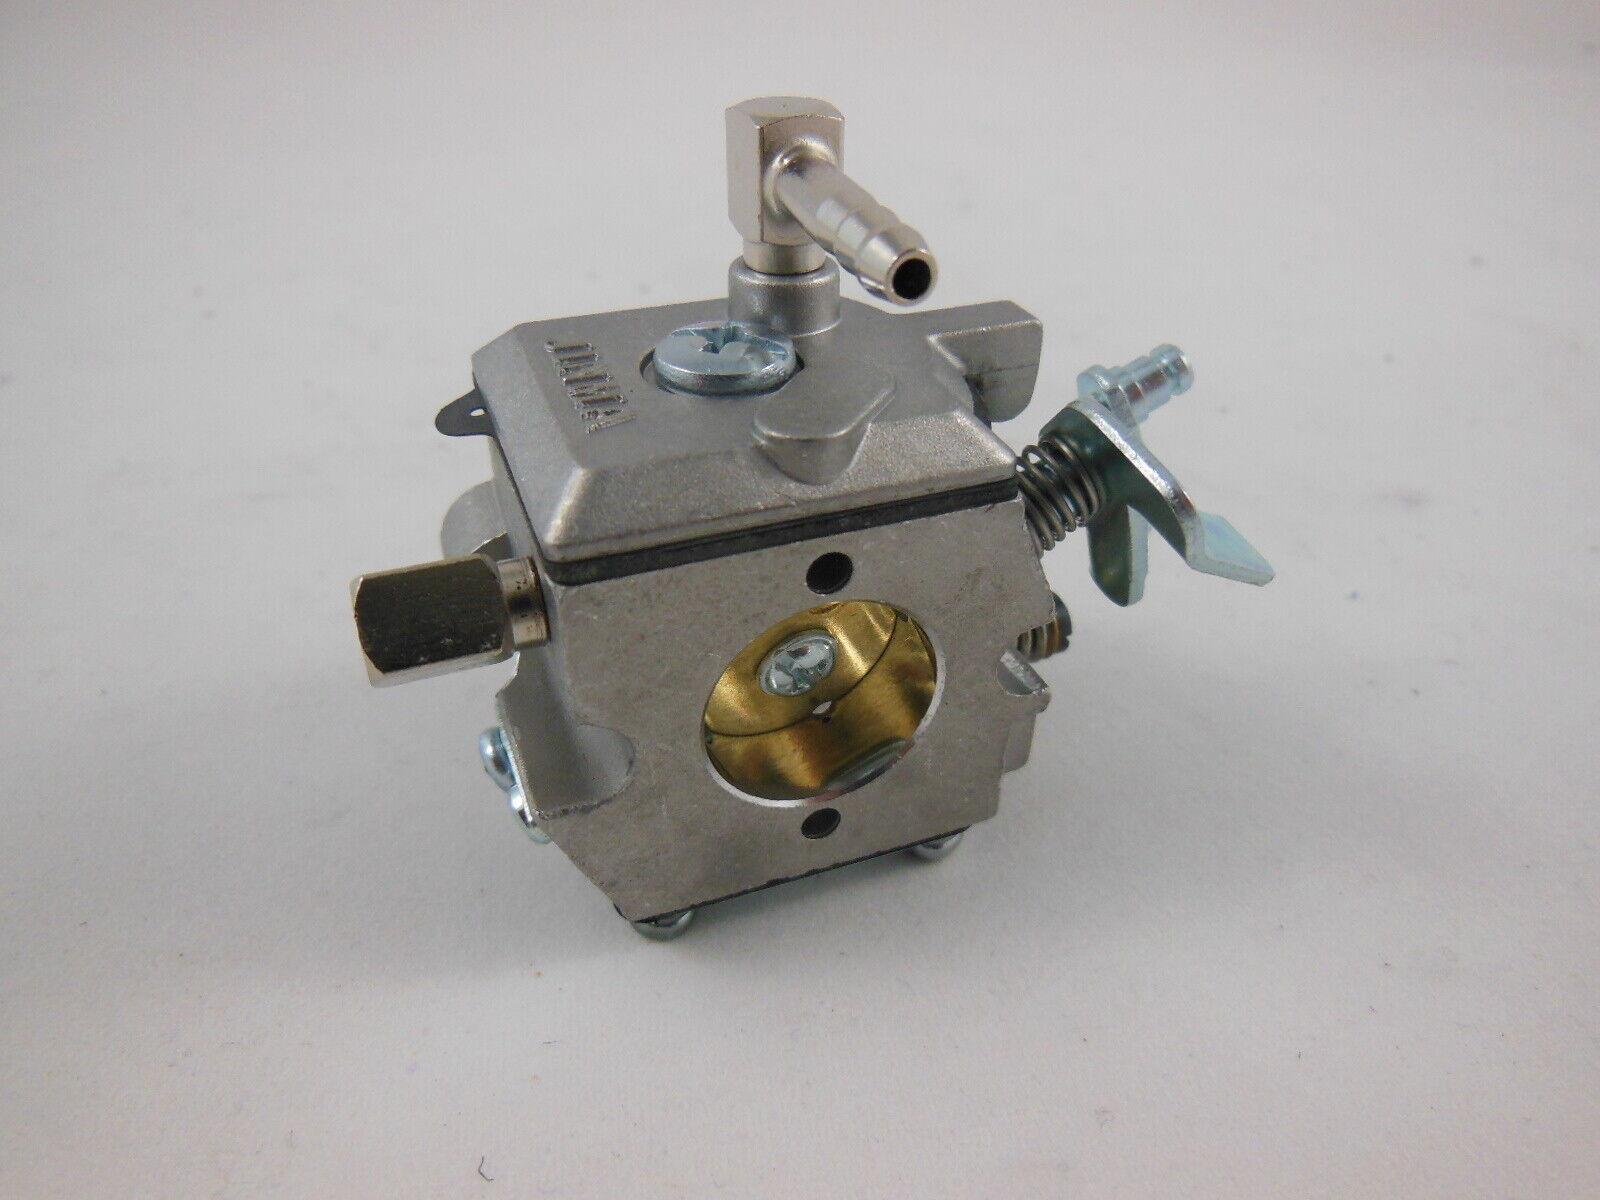 Ölpumpenantrieb passend Motorsäge Stihl 038 super Schnecke